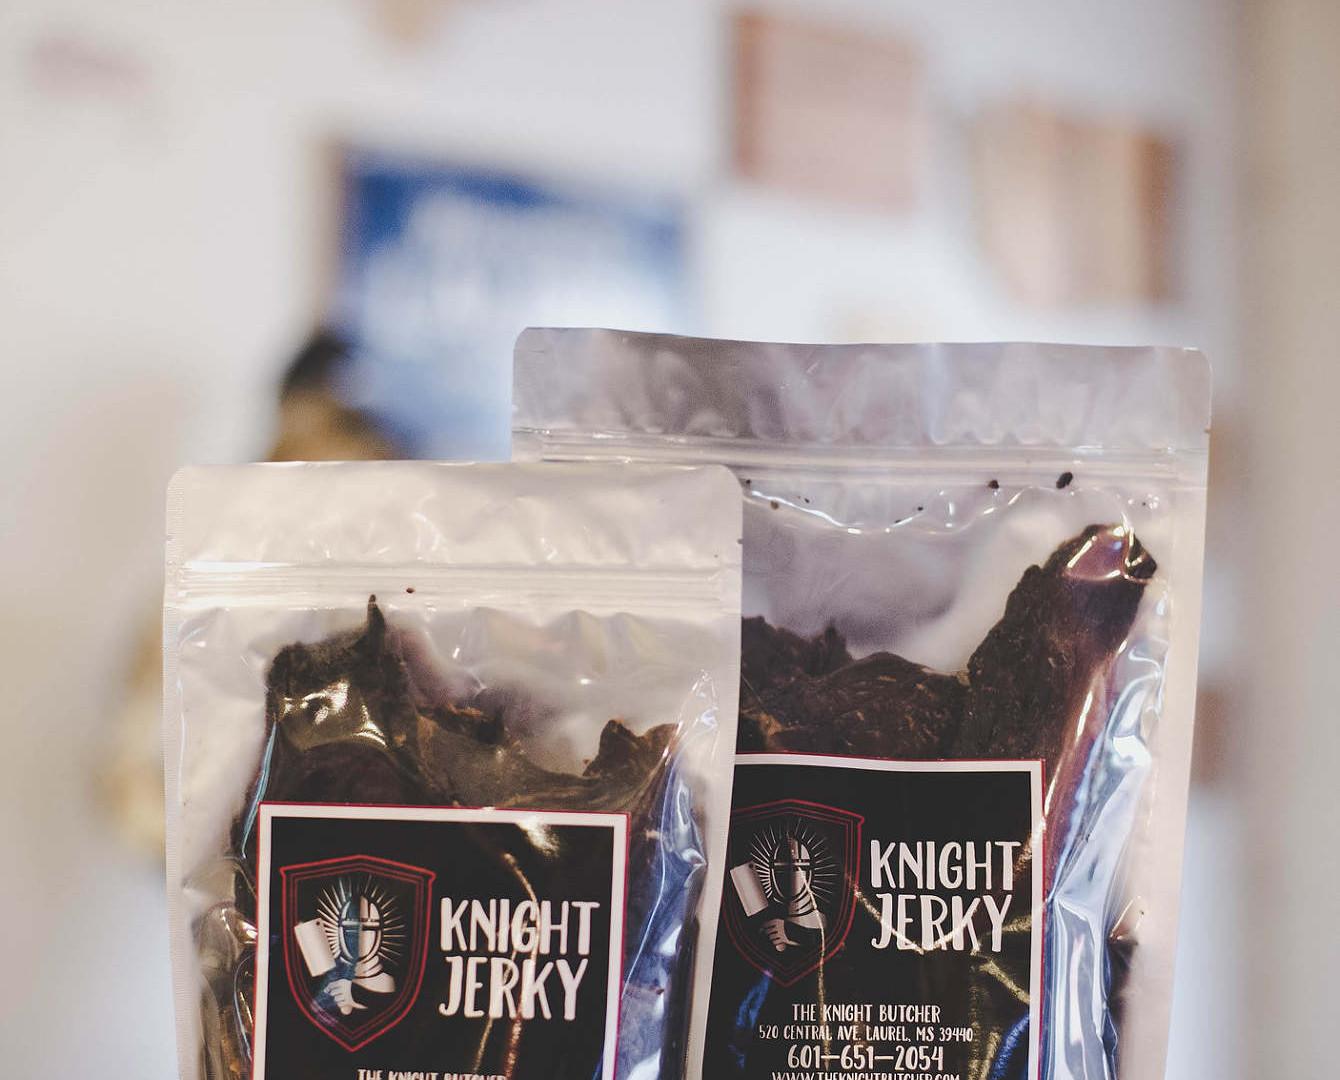 Branding for Knight Jerky